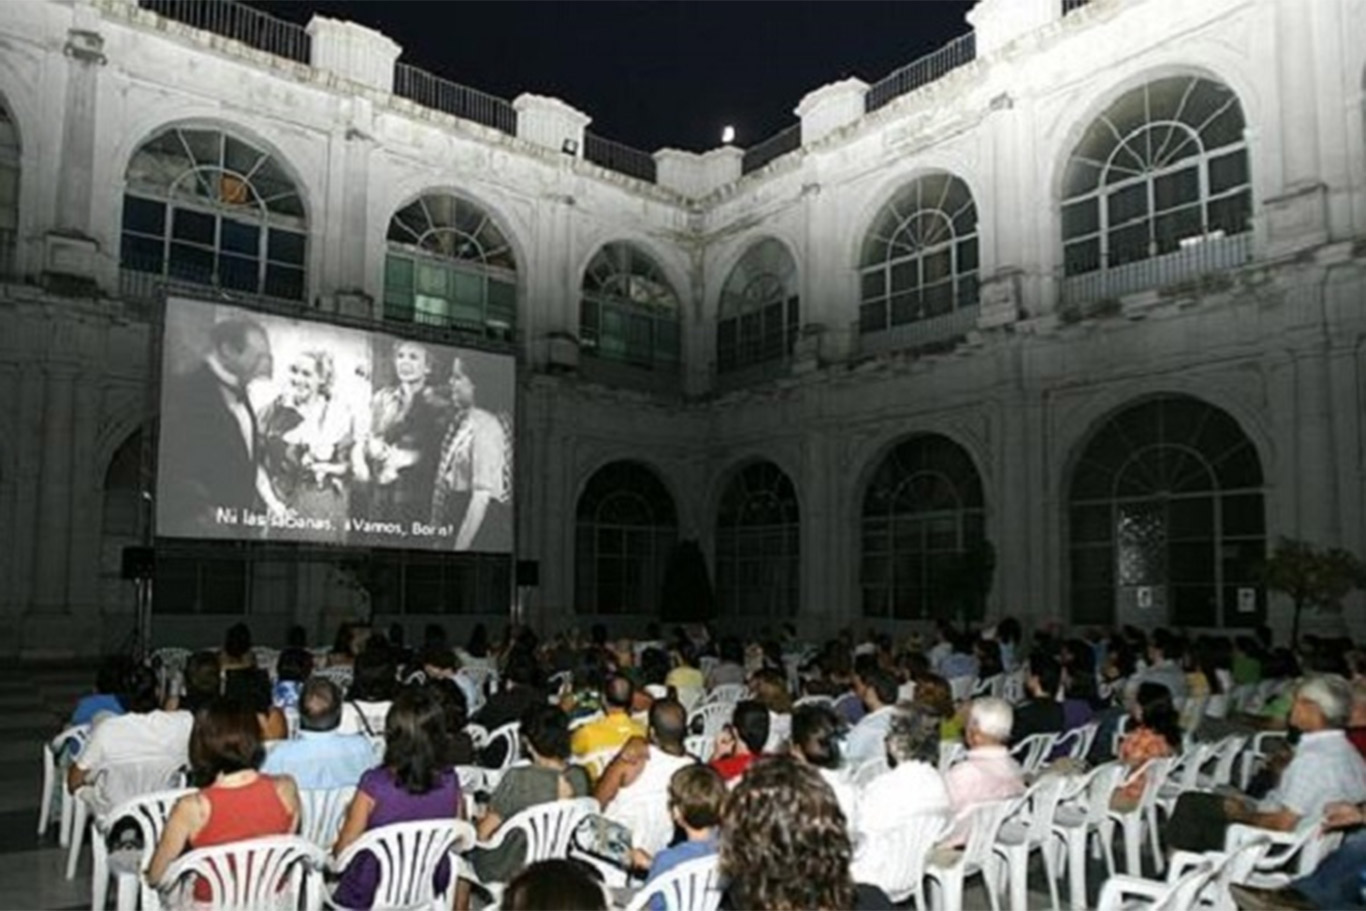 Alcine de verano: cine gratuito al aire libre en Alcalá de Henares ...